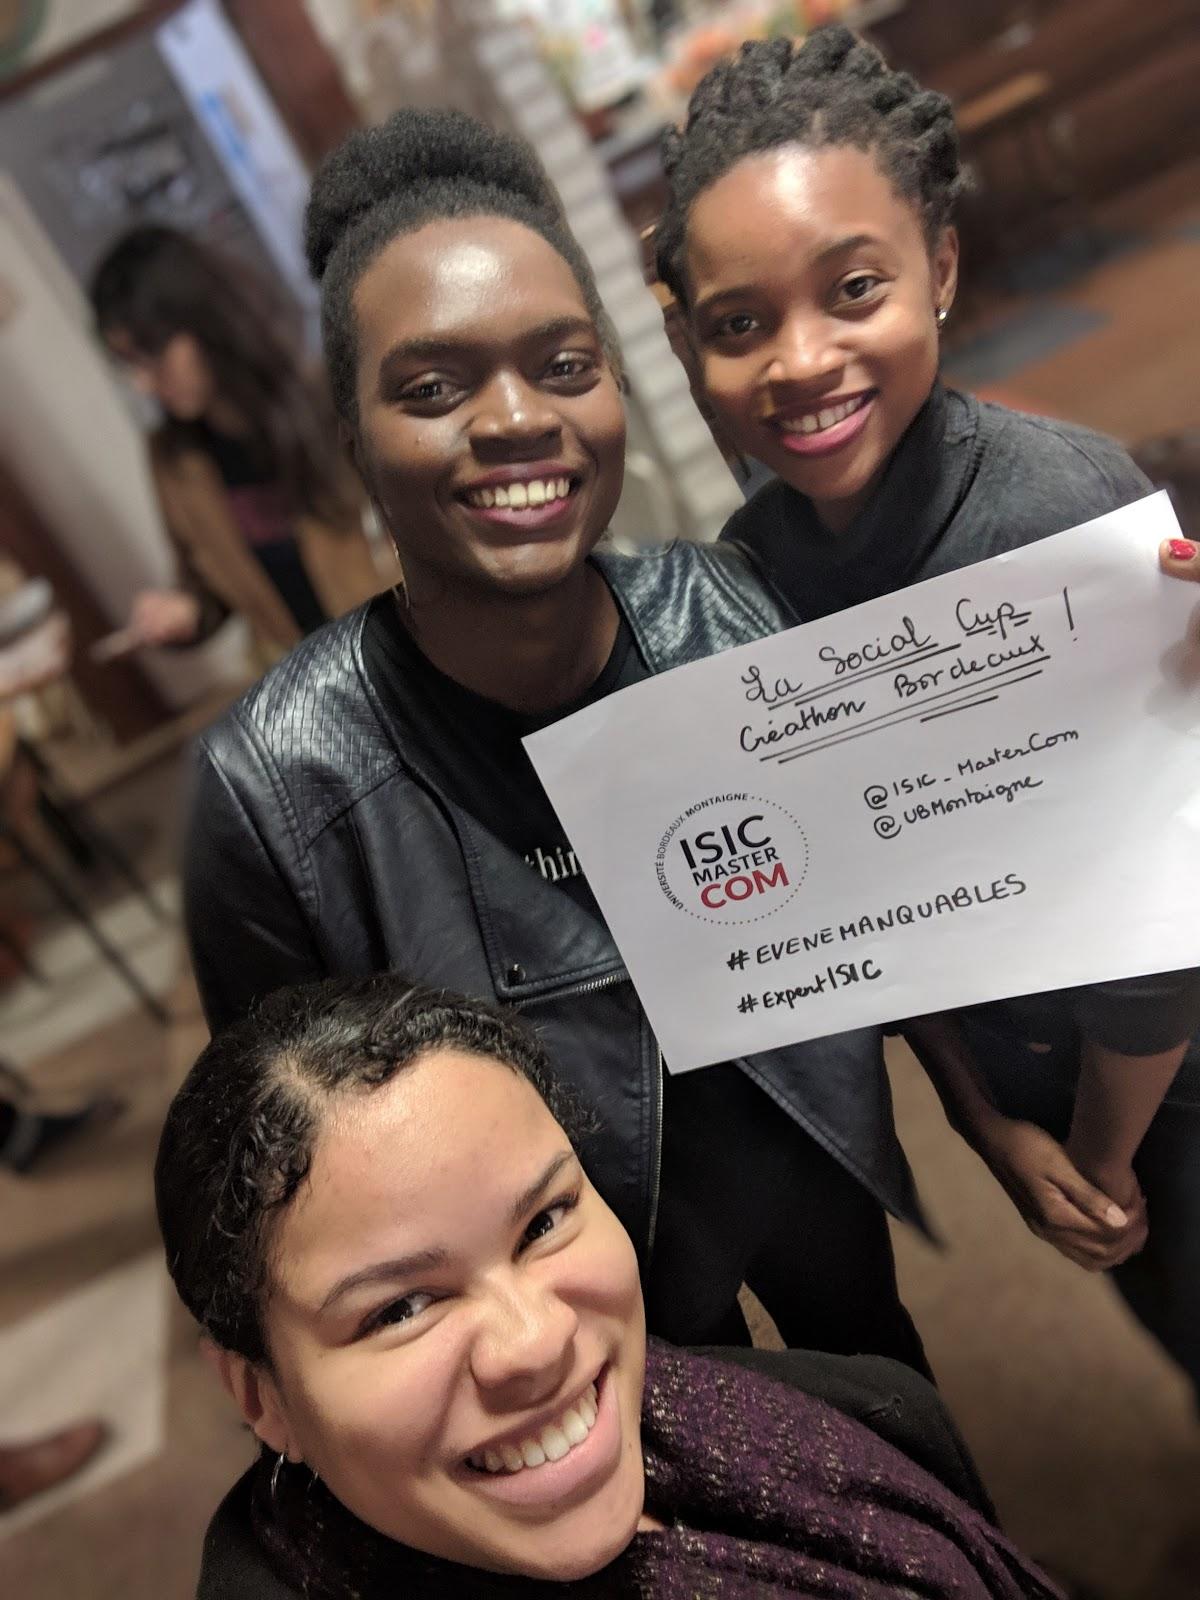 La Social Cup : Les étudiantes de l'ISIC s'invitent au créathon de Bordeaux !